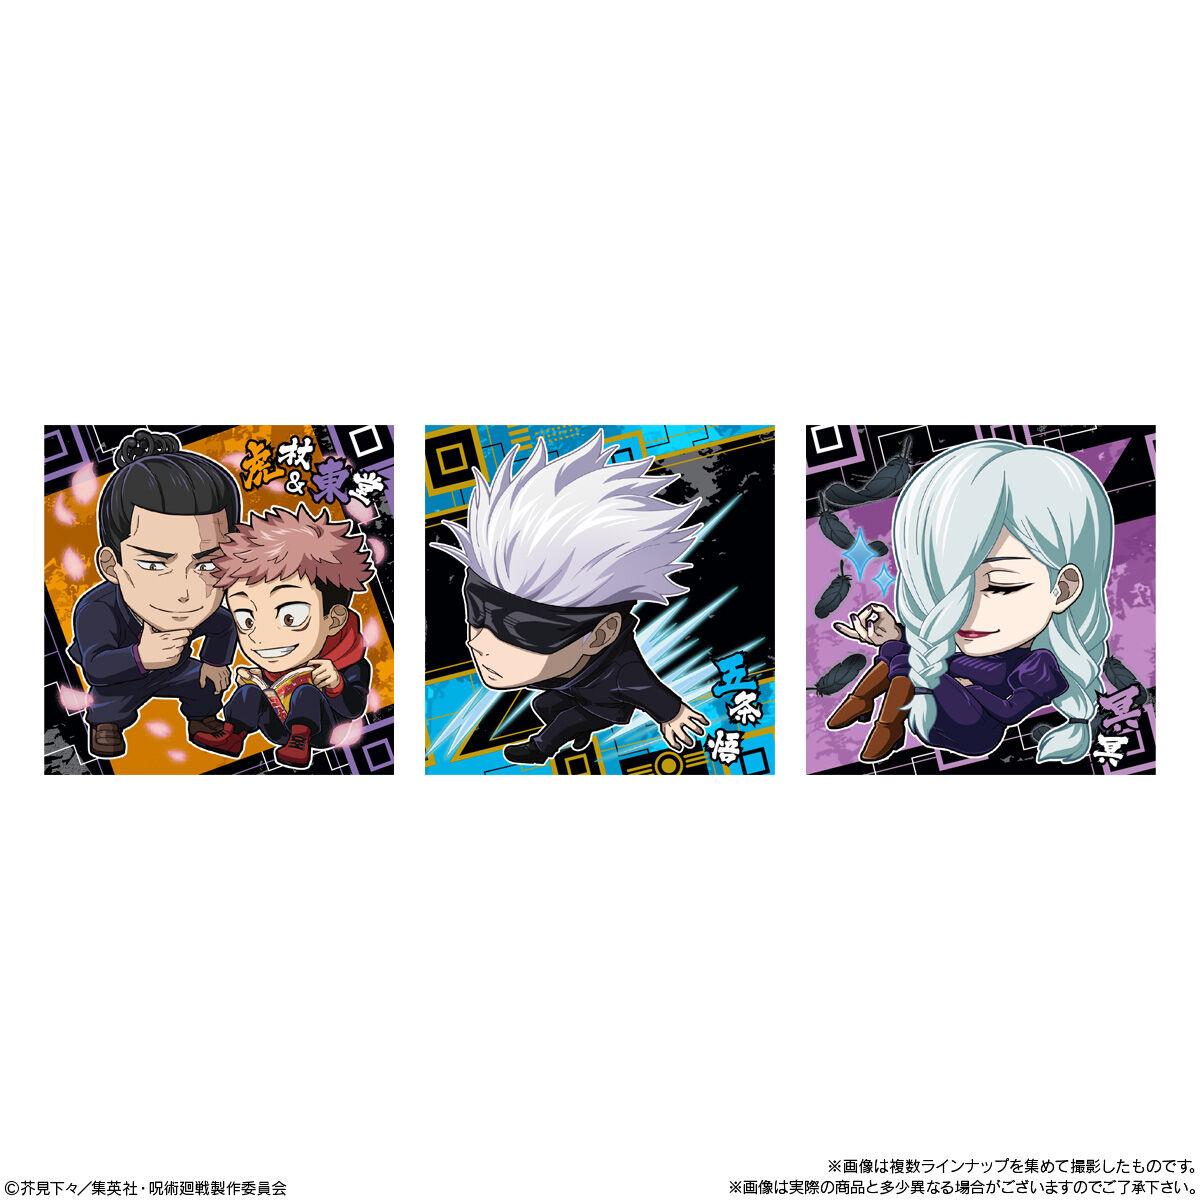 【食玩】呪術廻戦『にふぉるめーしょん 呪術廻戦ディフォルメシールウエハースvol.2』20個入りBOX-003